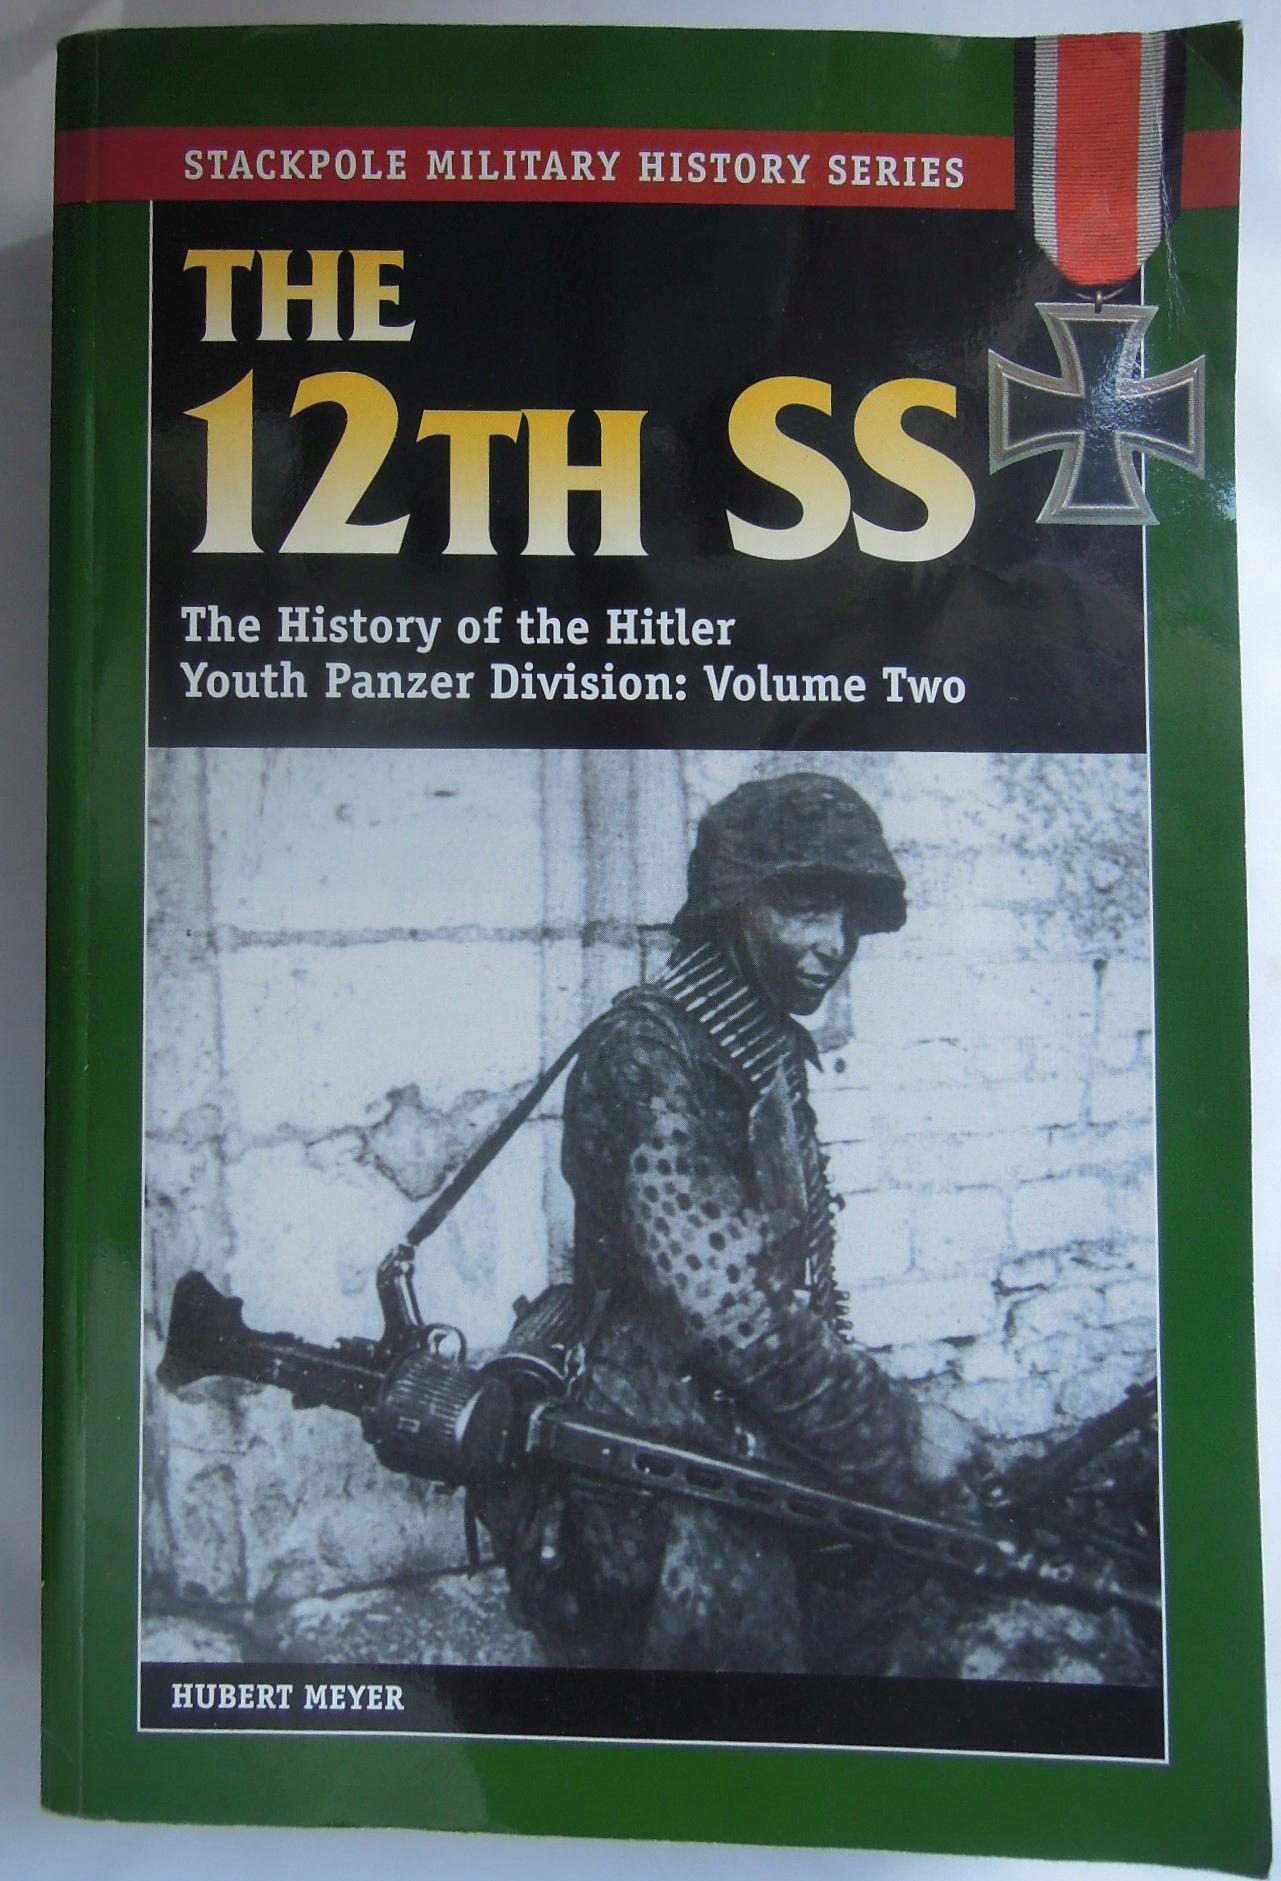 Meyer - the 12 th SS Hitlerjugend